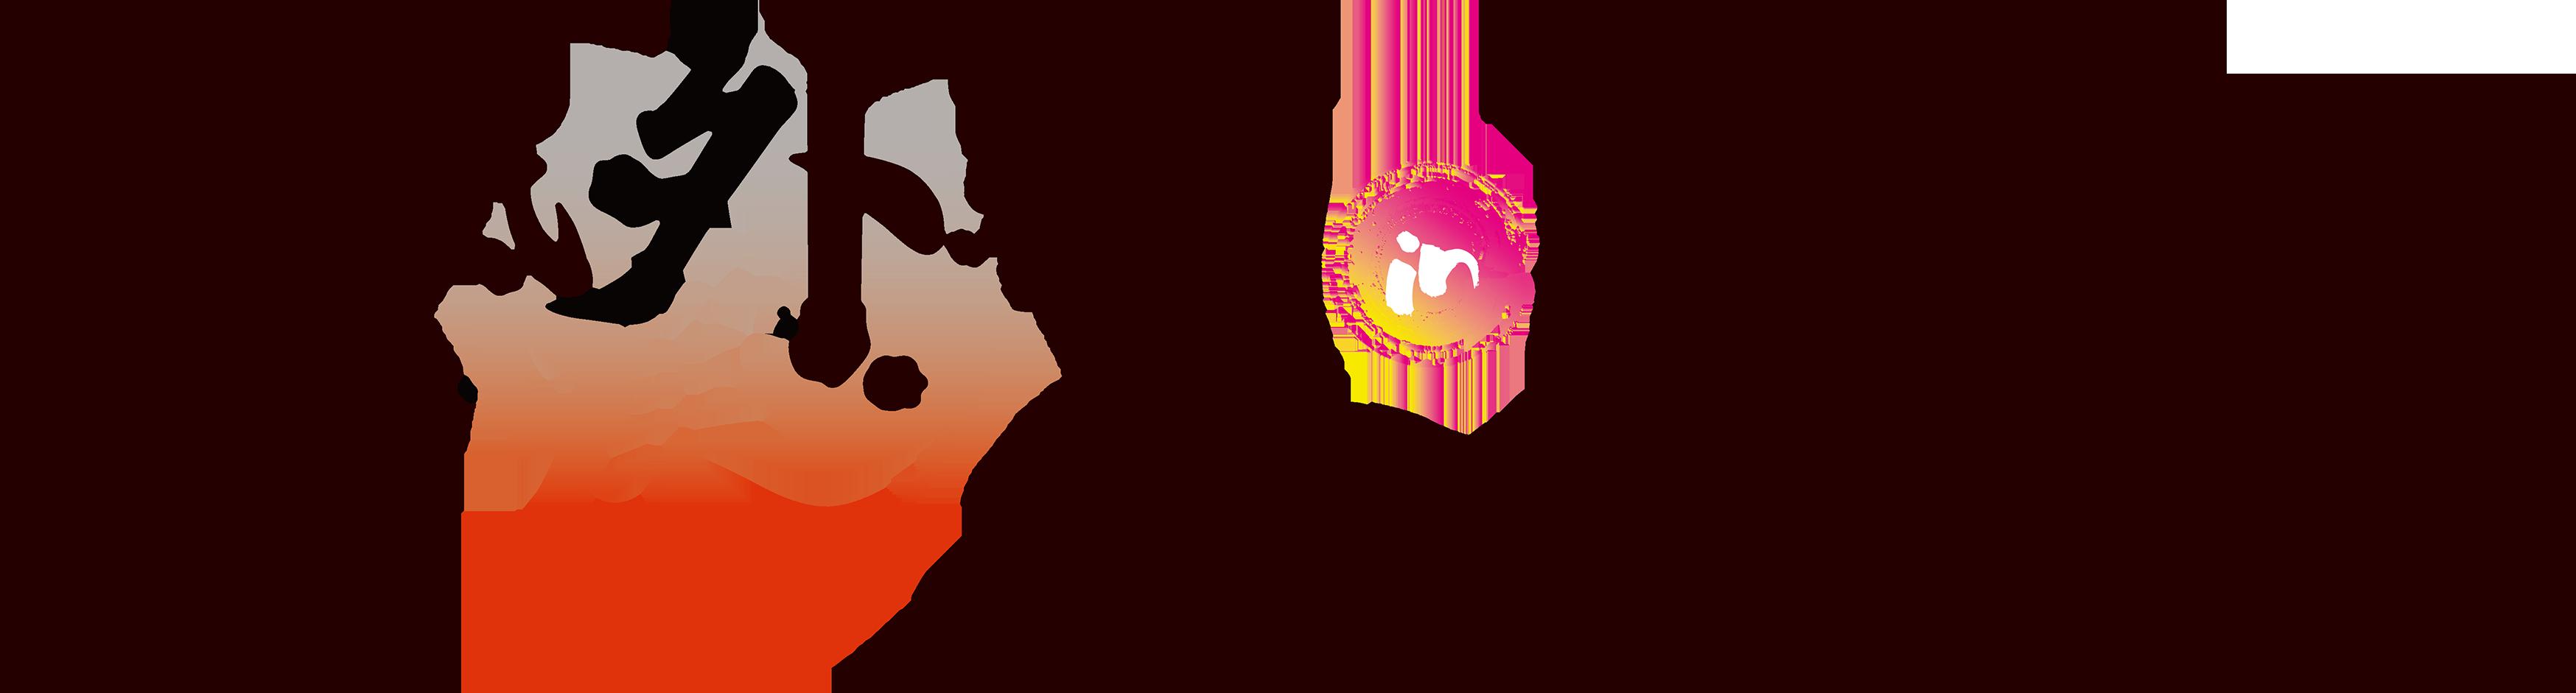 電気外祭り 2019 SUMMER in 高田馬場